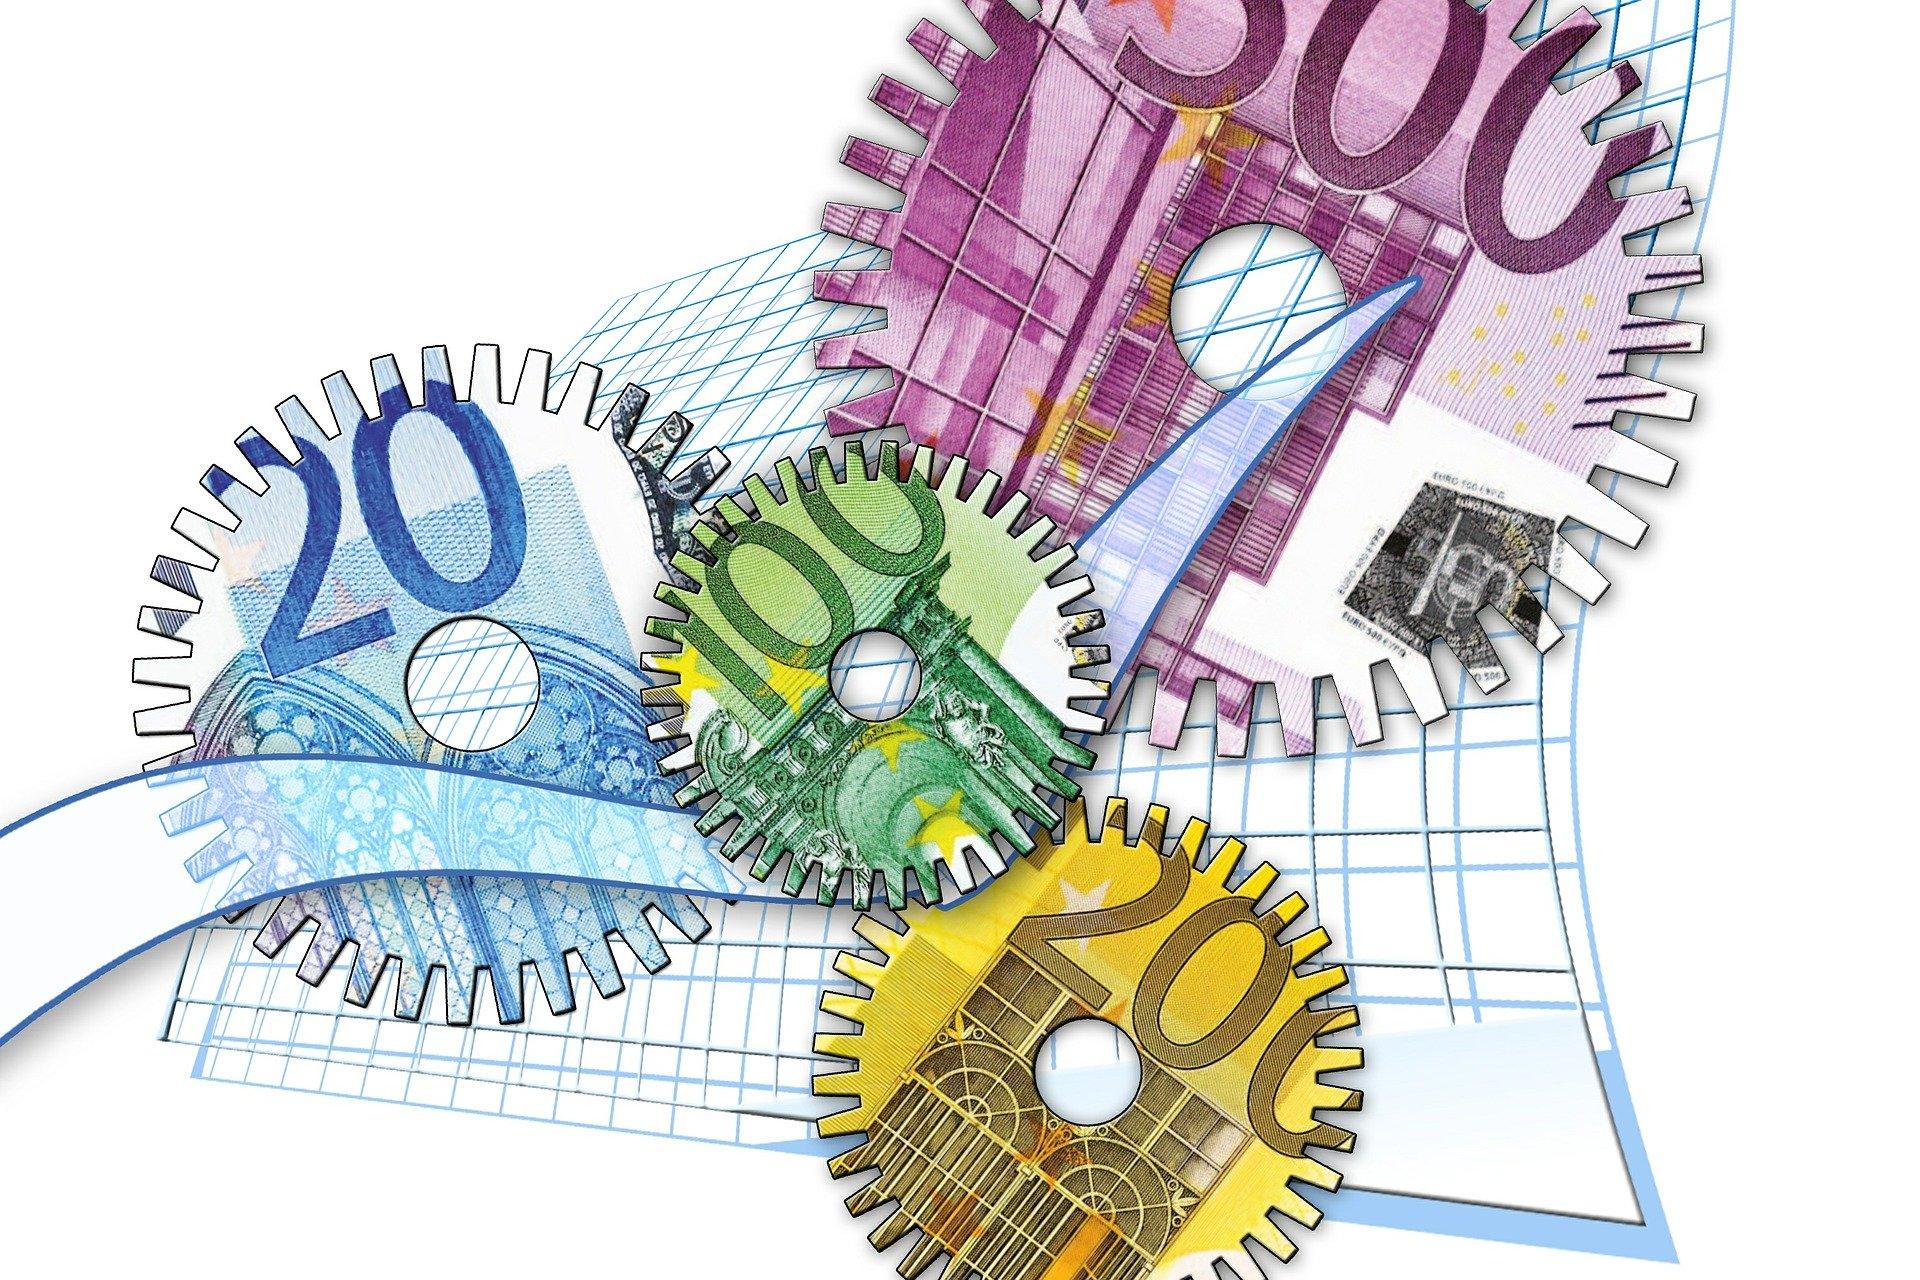 L'augmentation de capital… de quoi s'agit-il ?